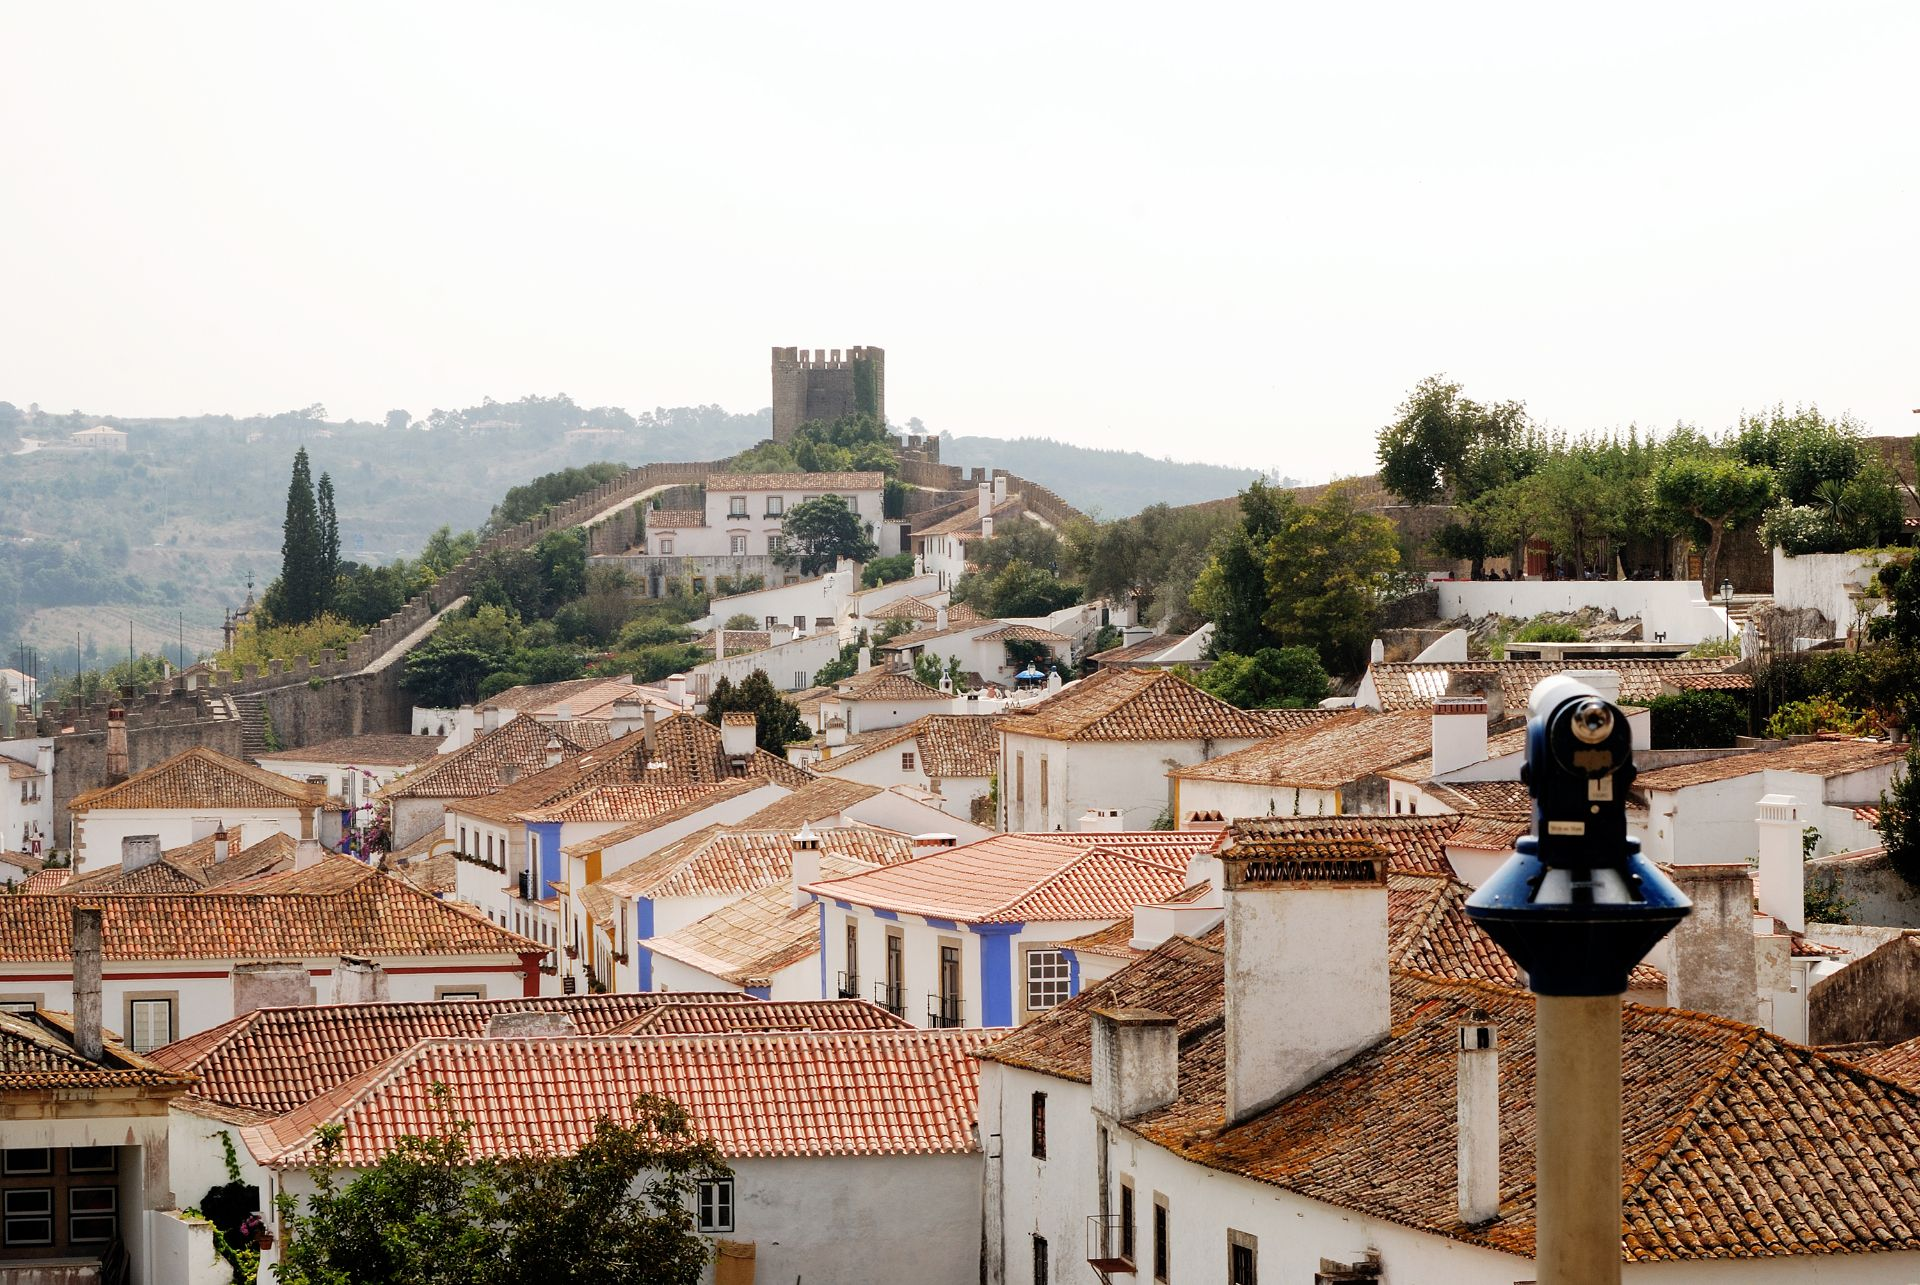 Vila medieval de Obidos-JUN19